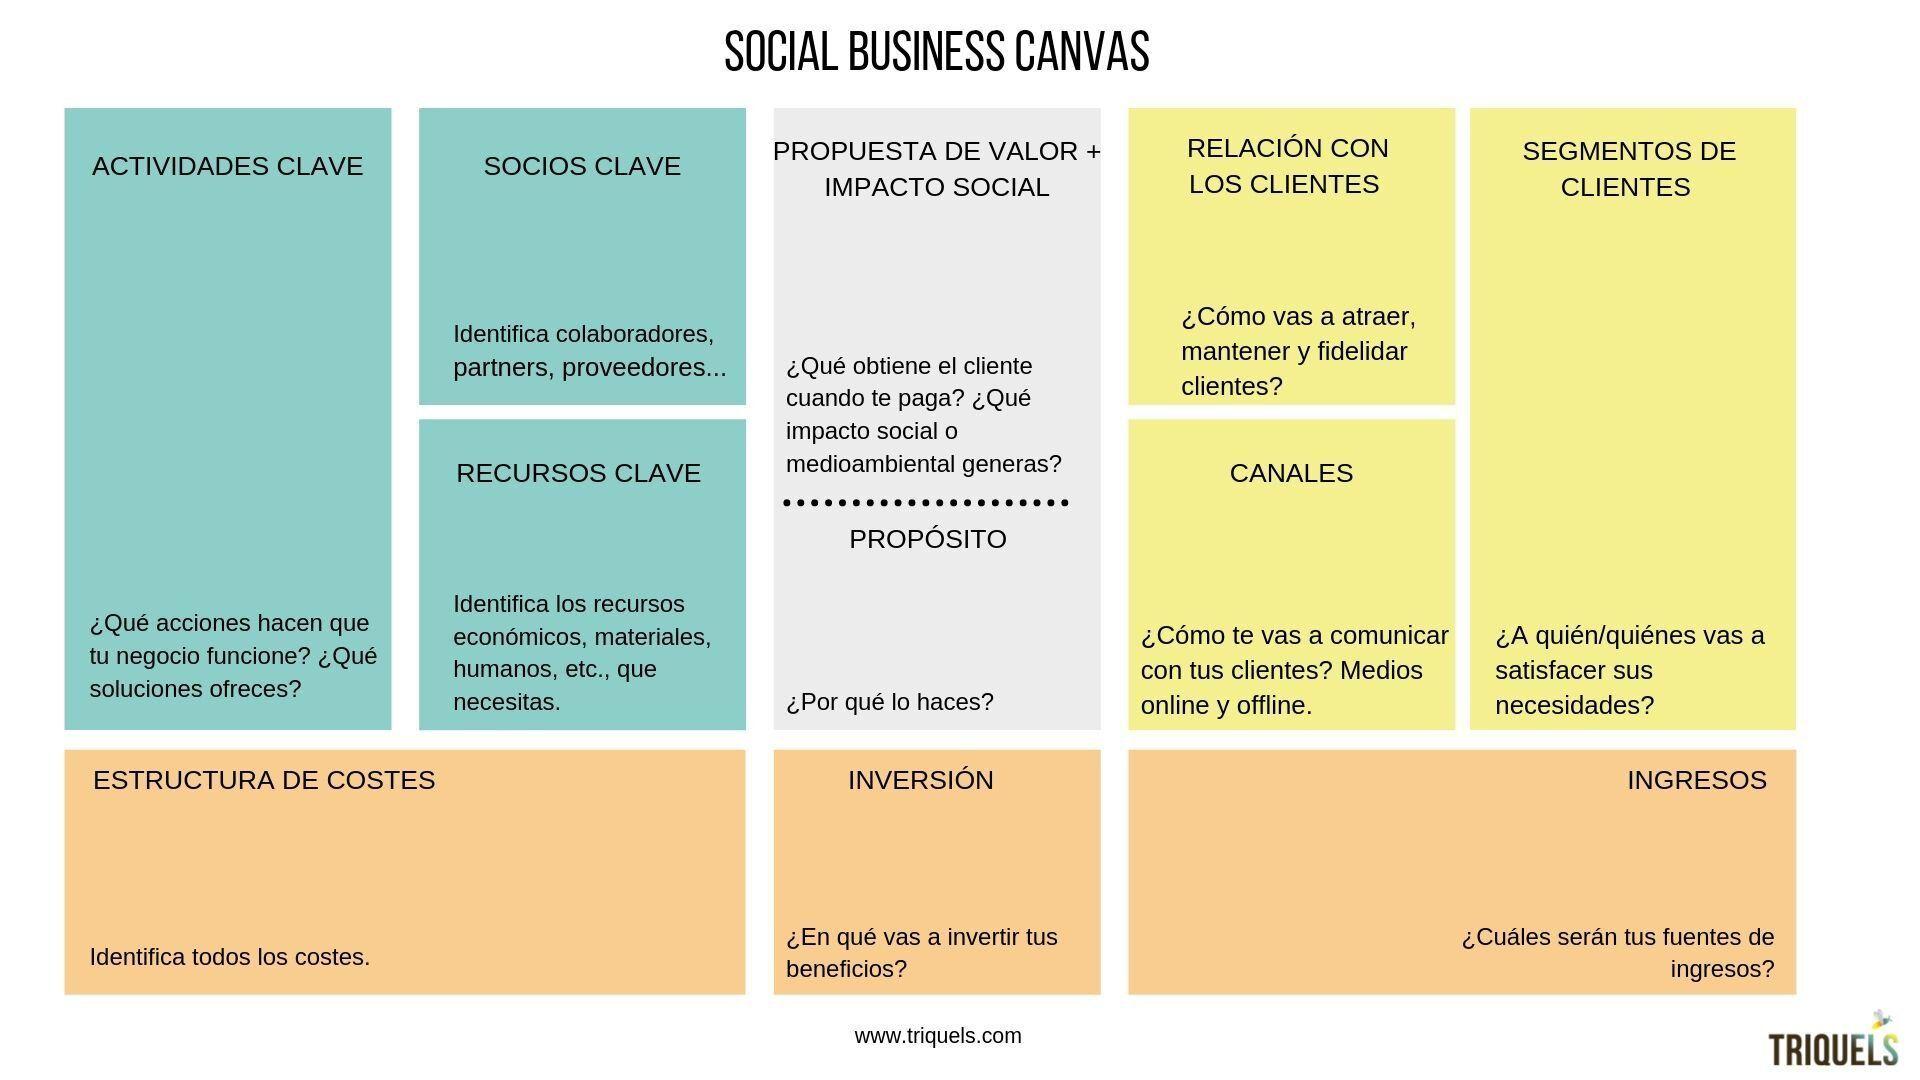 ¿Tienes un negocio social o sostenible? Pues organizar tu